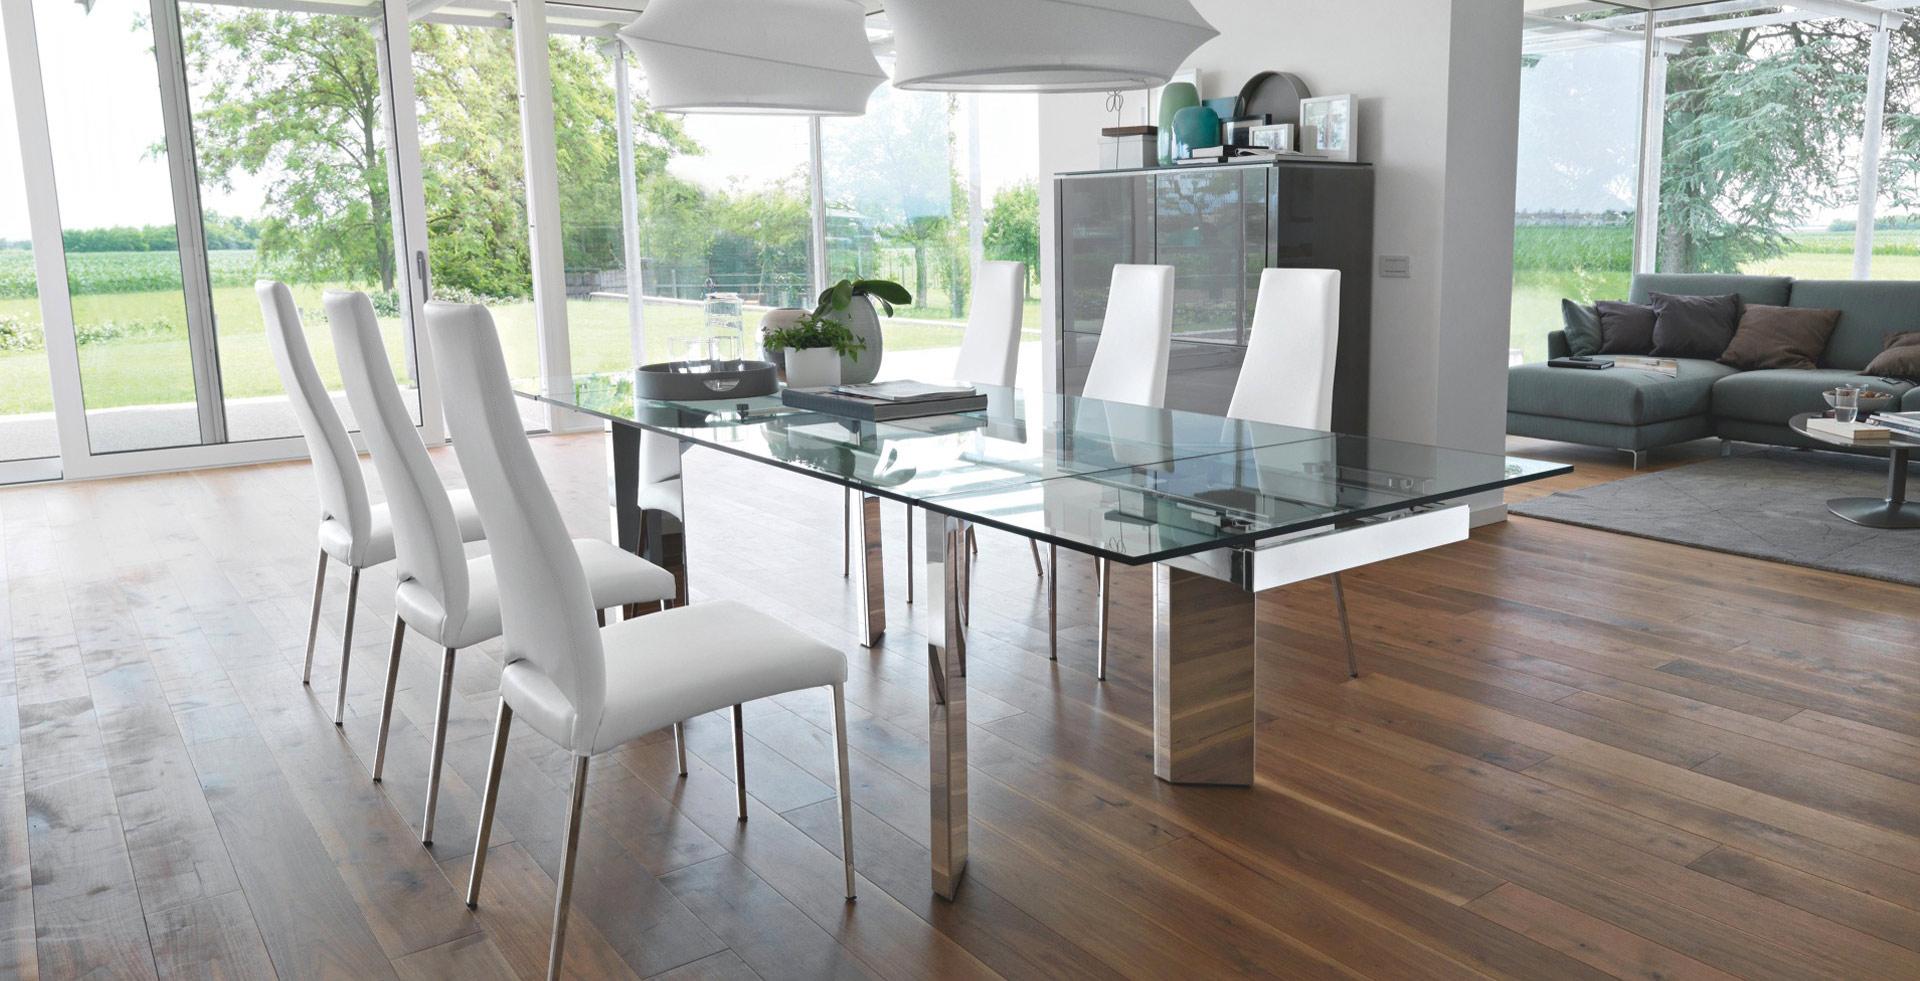 Tavoli e ripiani in cristallo europan glass for Tavoli in cristallo